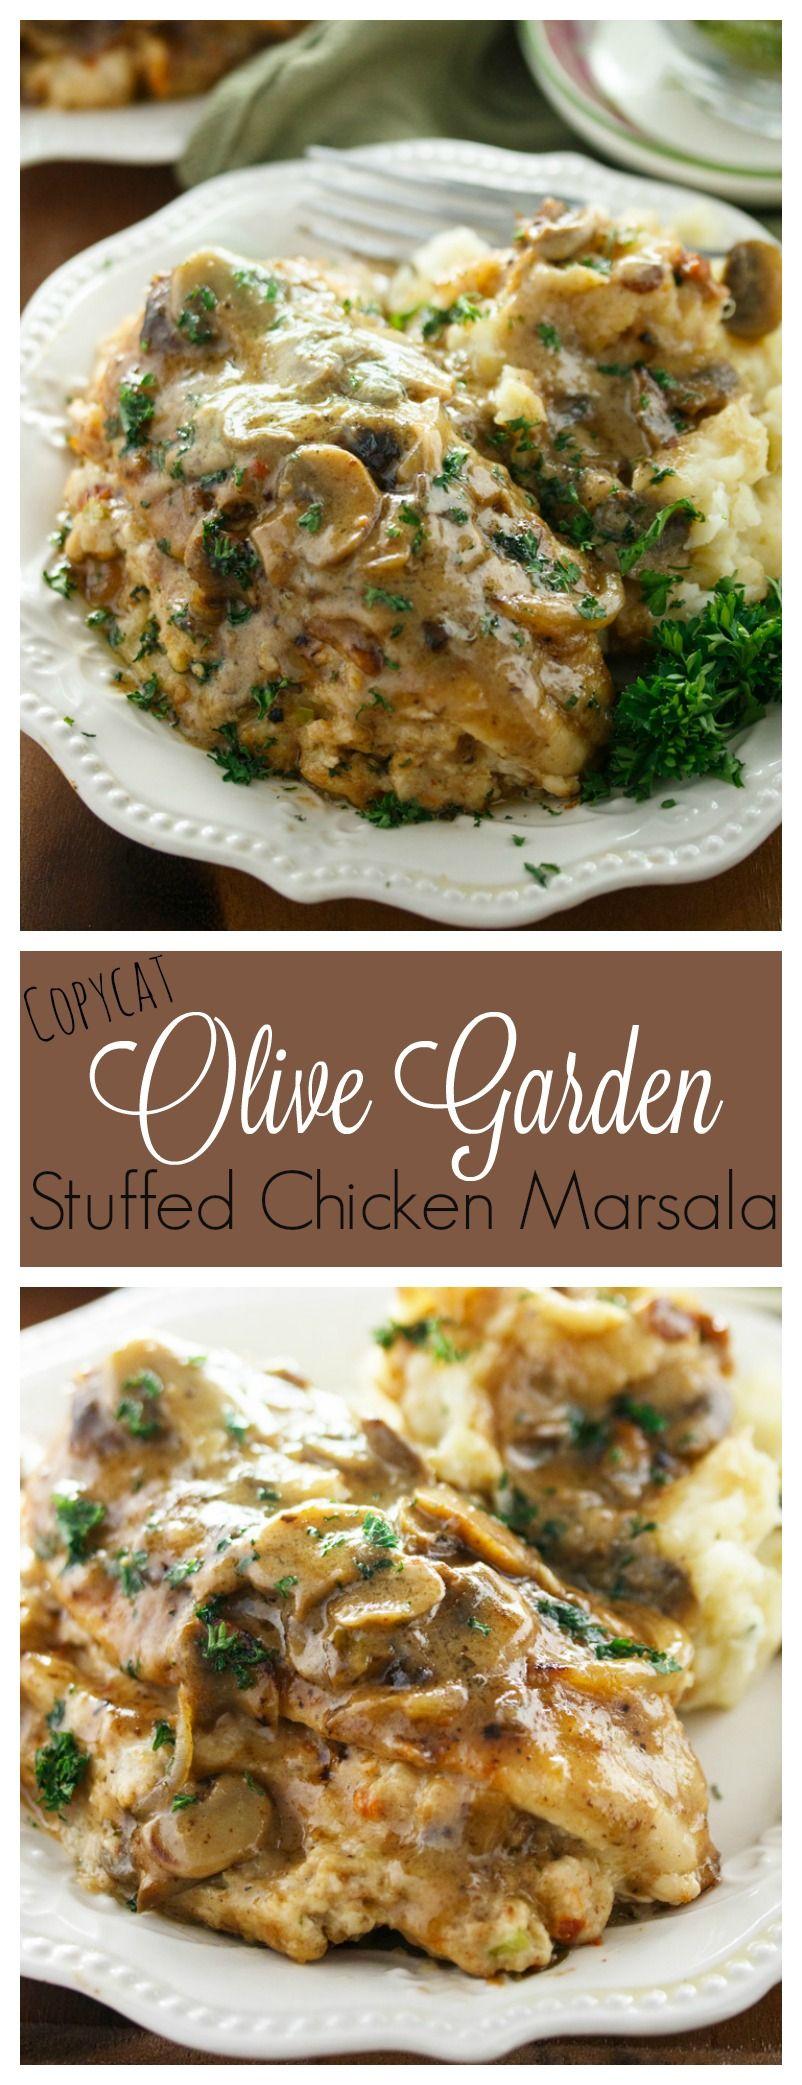 Olive Garden Stuffed Chicken Marsala | Recipe | Pinterest | Chicken ...